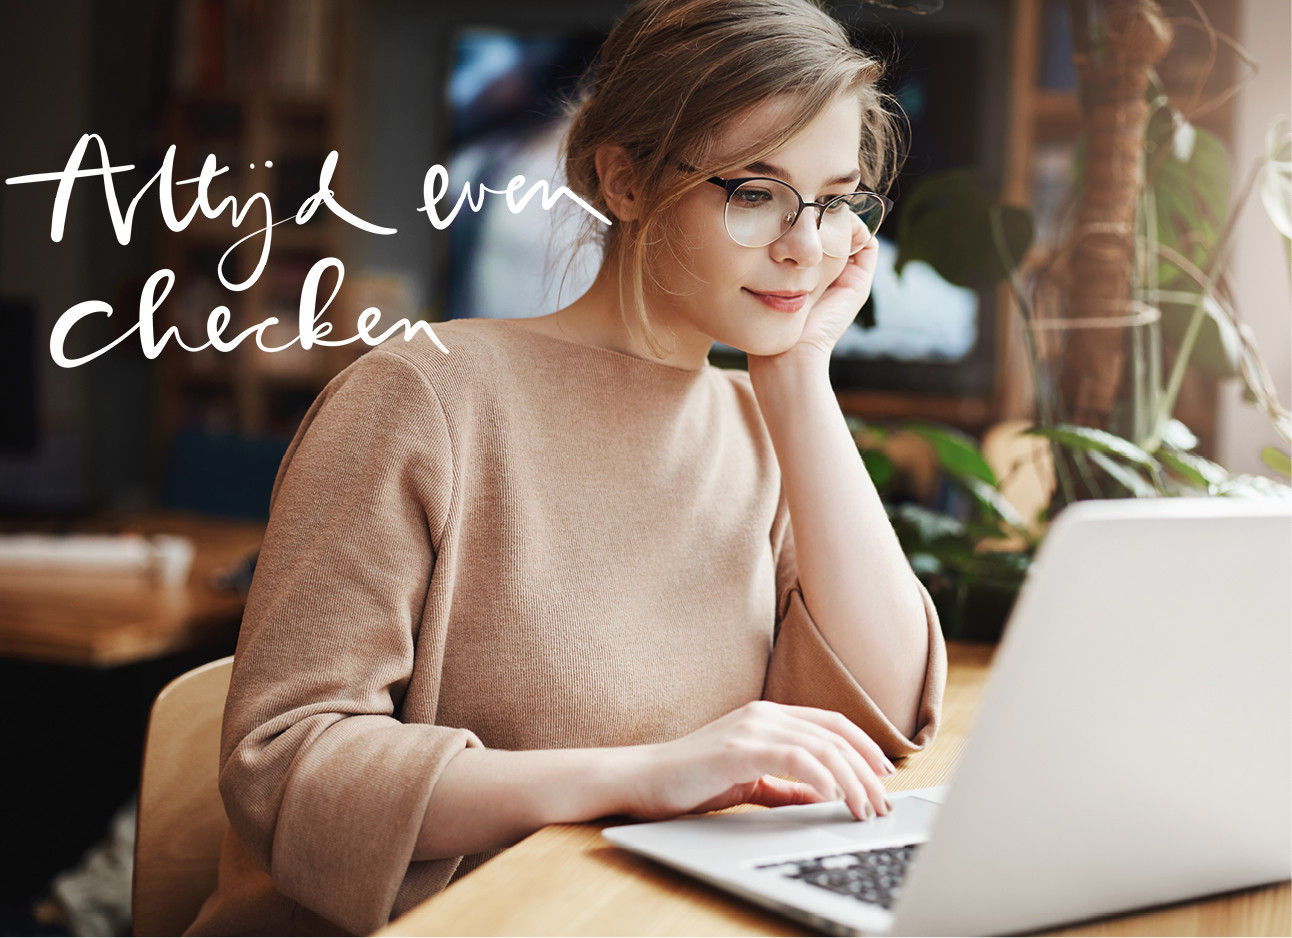 een meisje dat achter haar laptop zit en op haar arm steunt